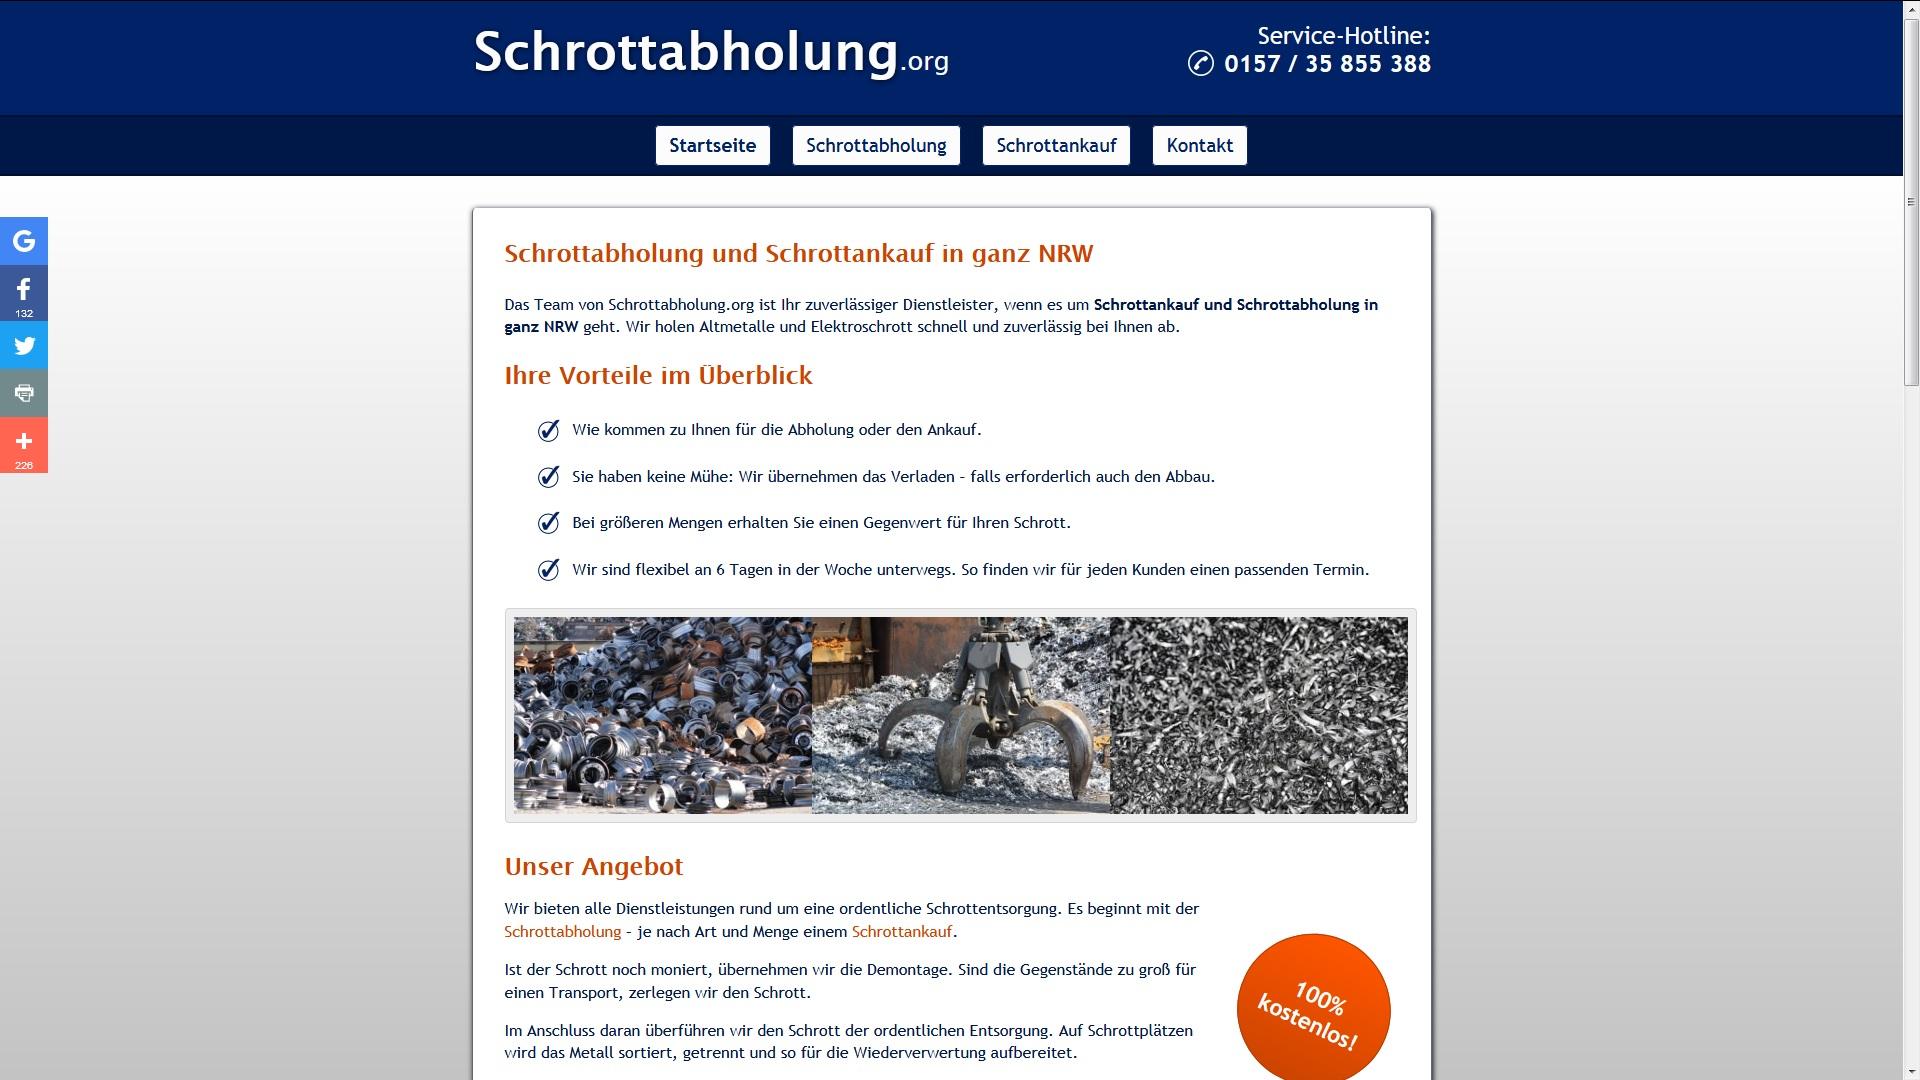 Schrottabholung hat Tradition: in Hagen und ganz NRW